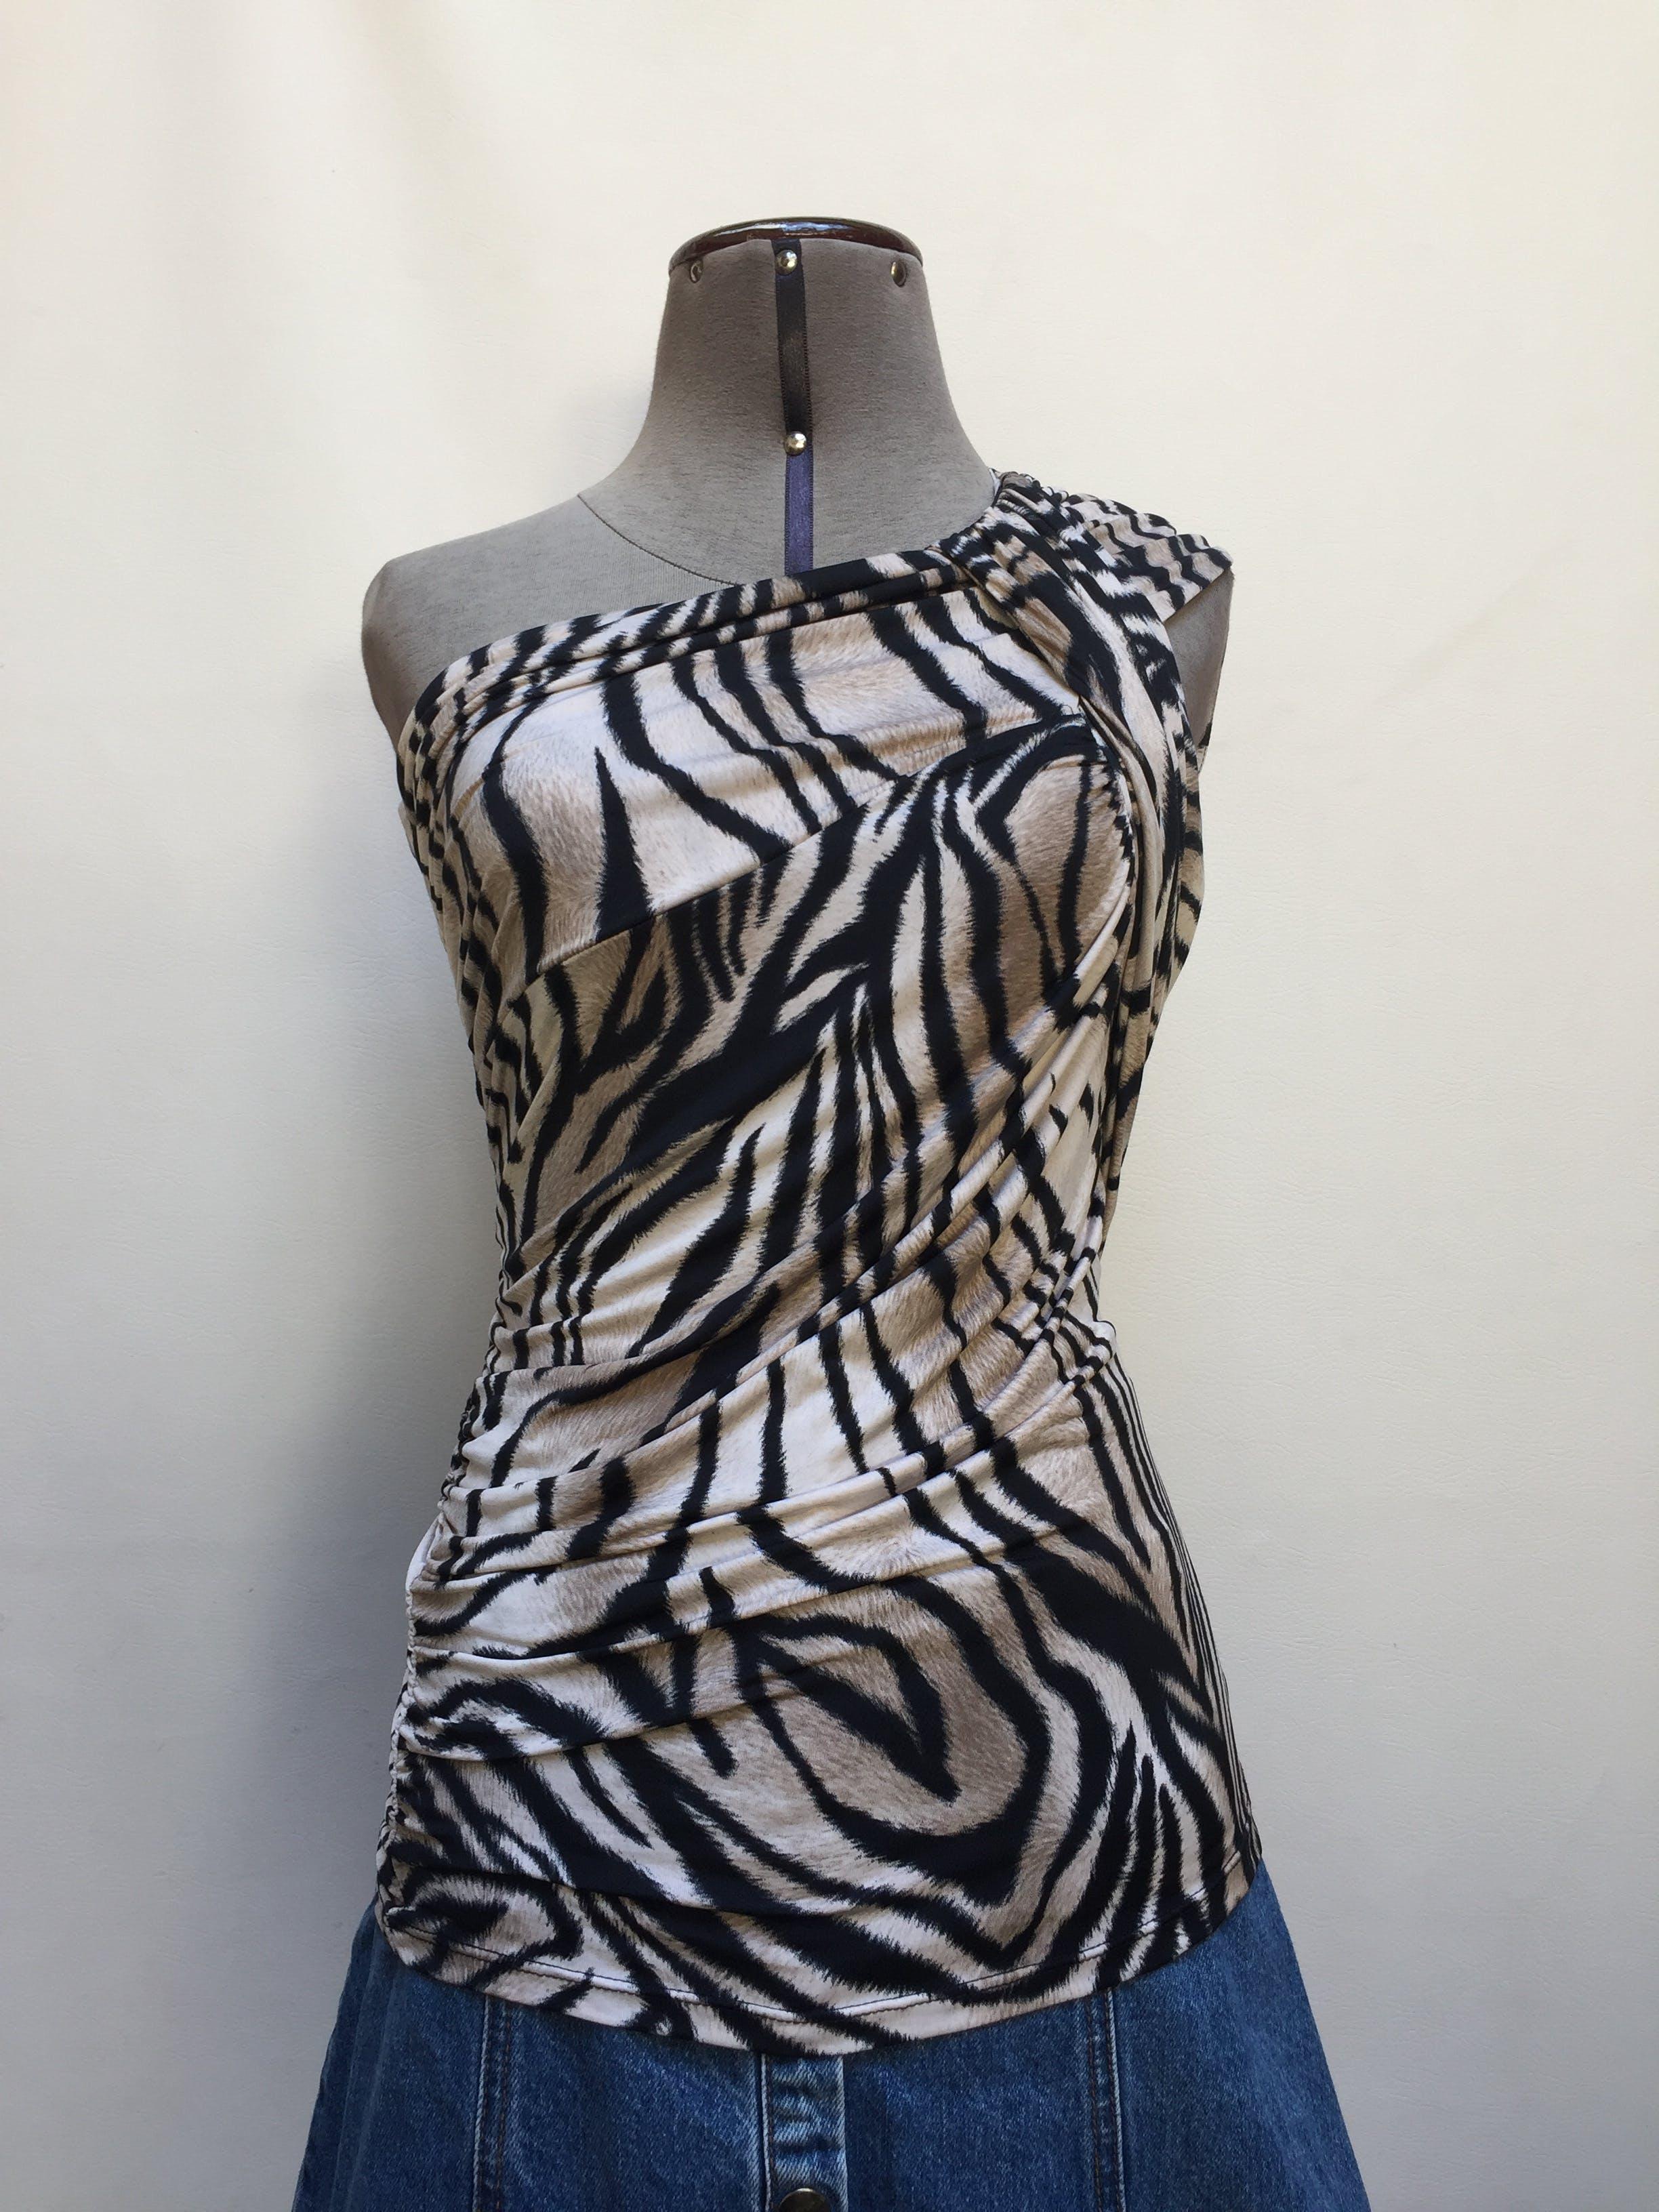 Blusa one shoulder con estampado animal print, tela tipo lycra, corrugado en el hombro con tira para amarrar Talla S